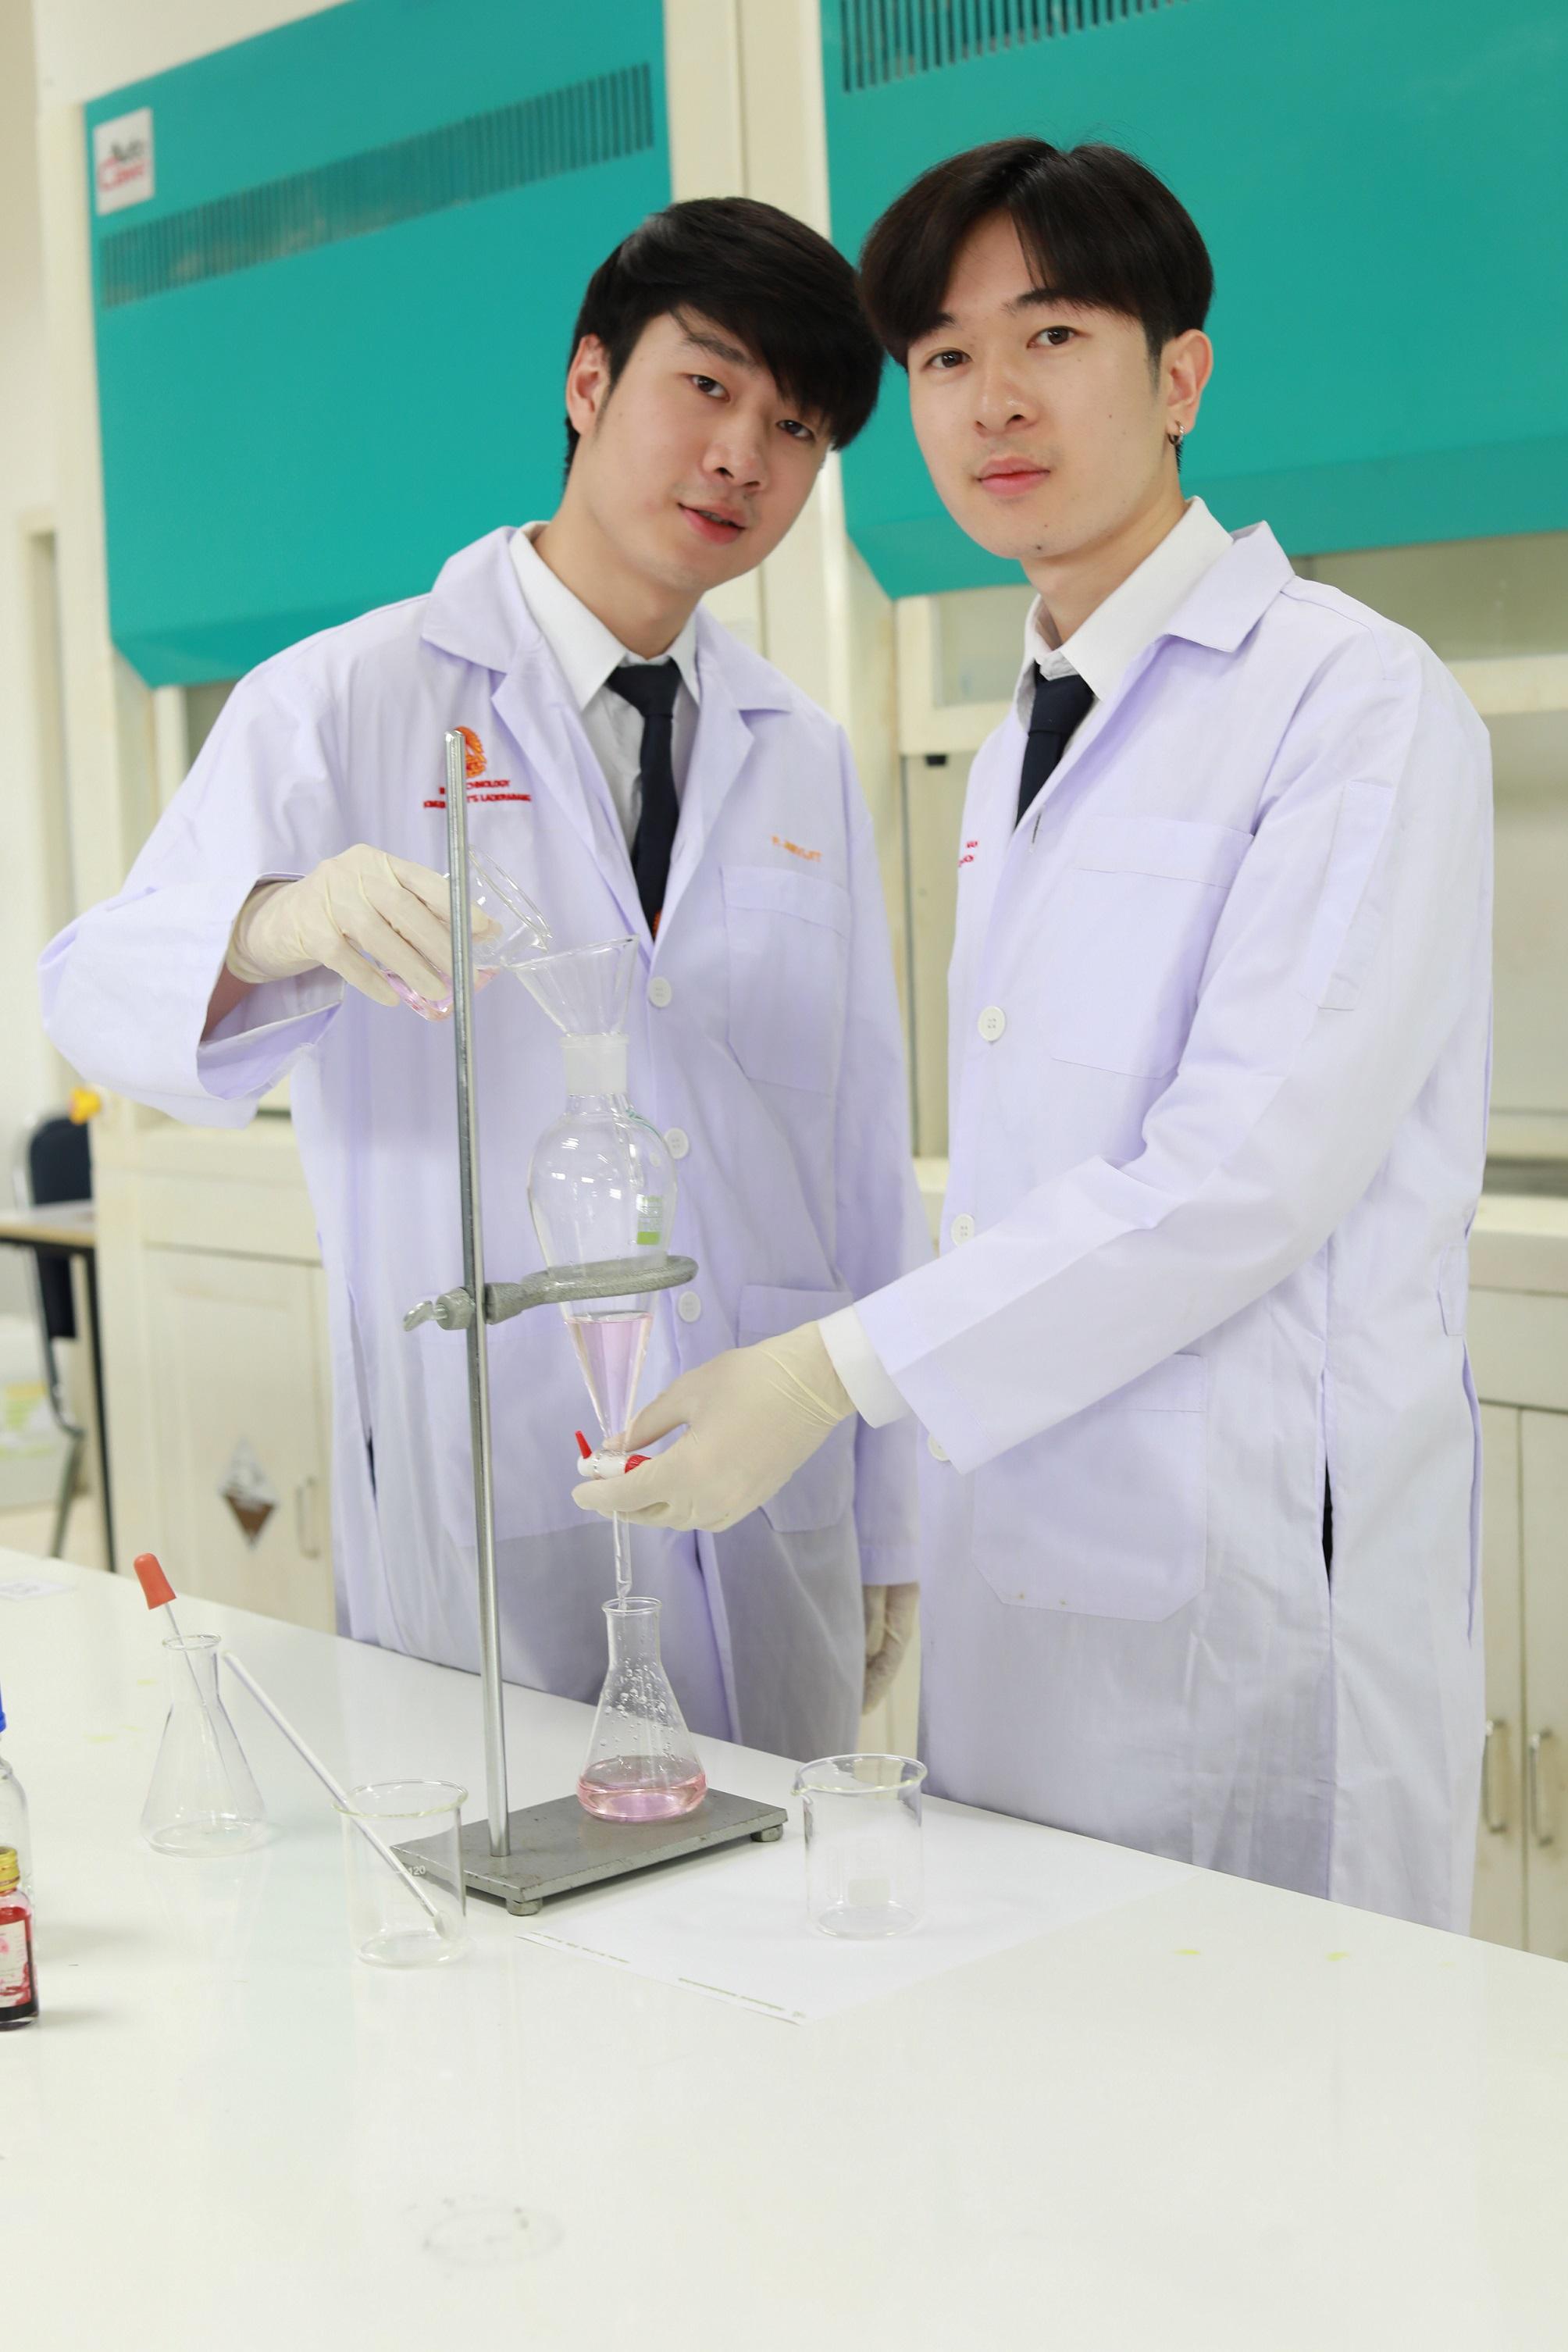 2 หลักสูตรอินเตอร์ใหม่ ! แพทย์นักวิจัย กับ เชฟนักวิทยาศาสตร์